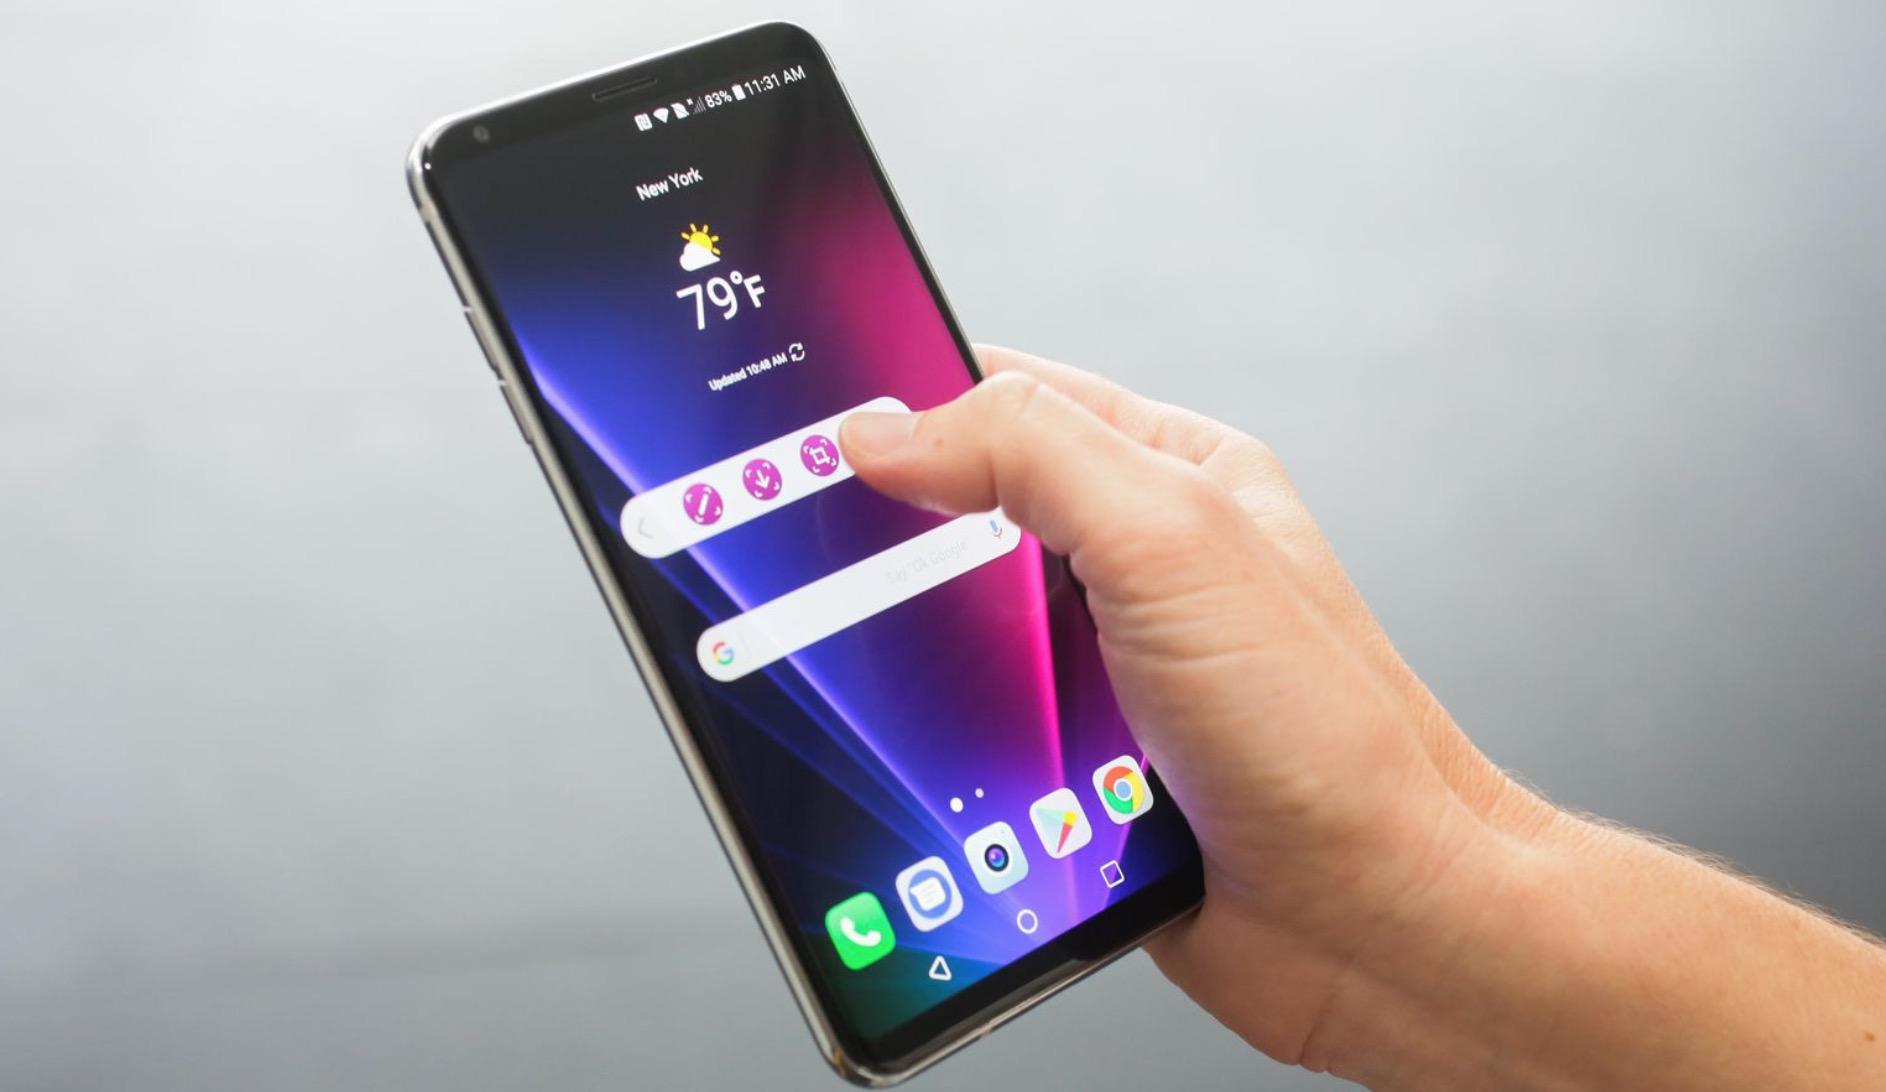 LG V30 design bezel less